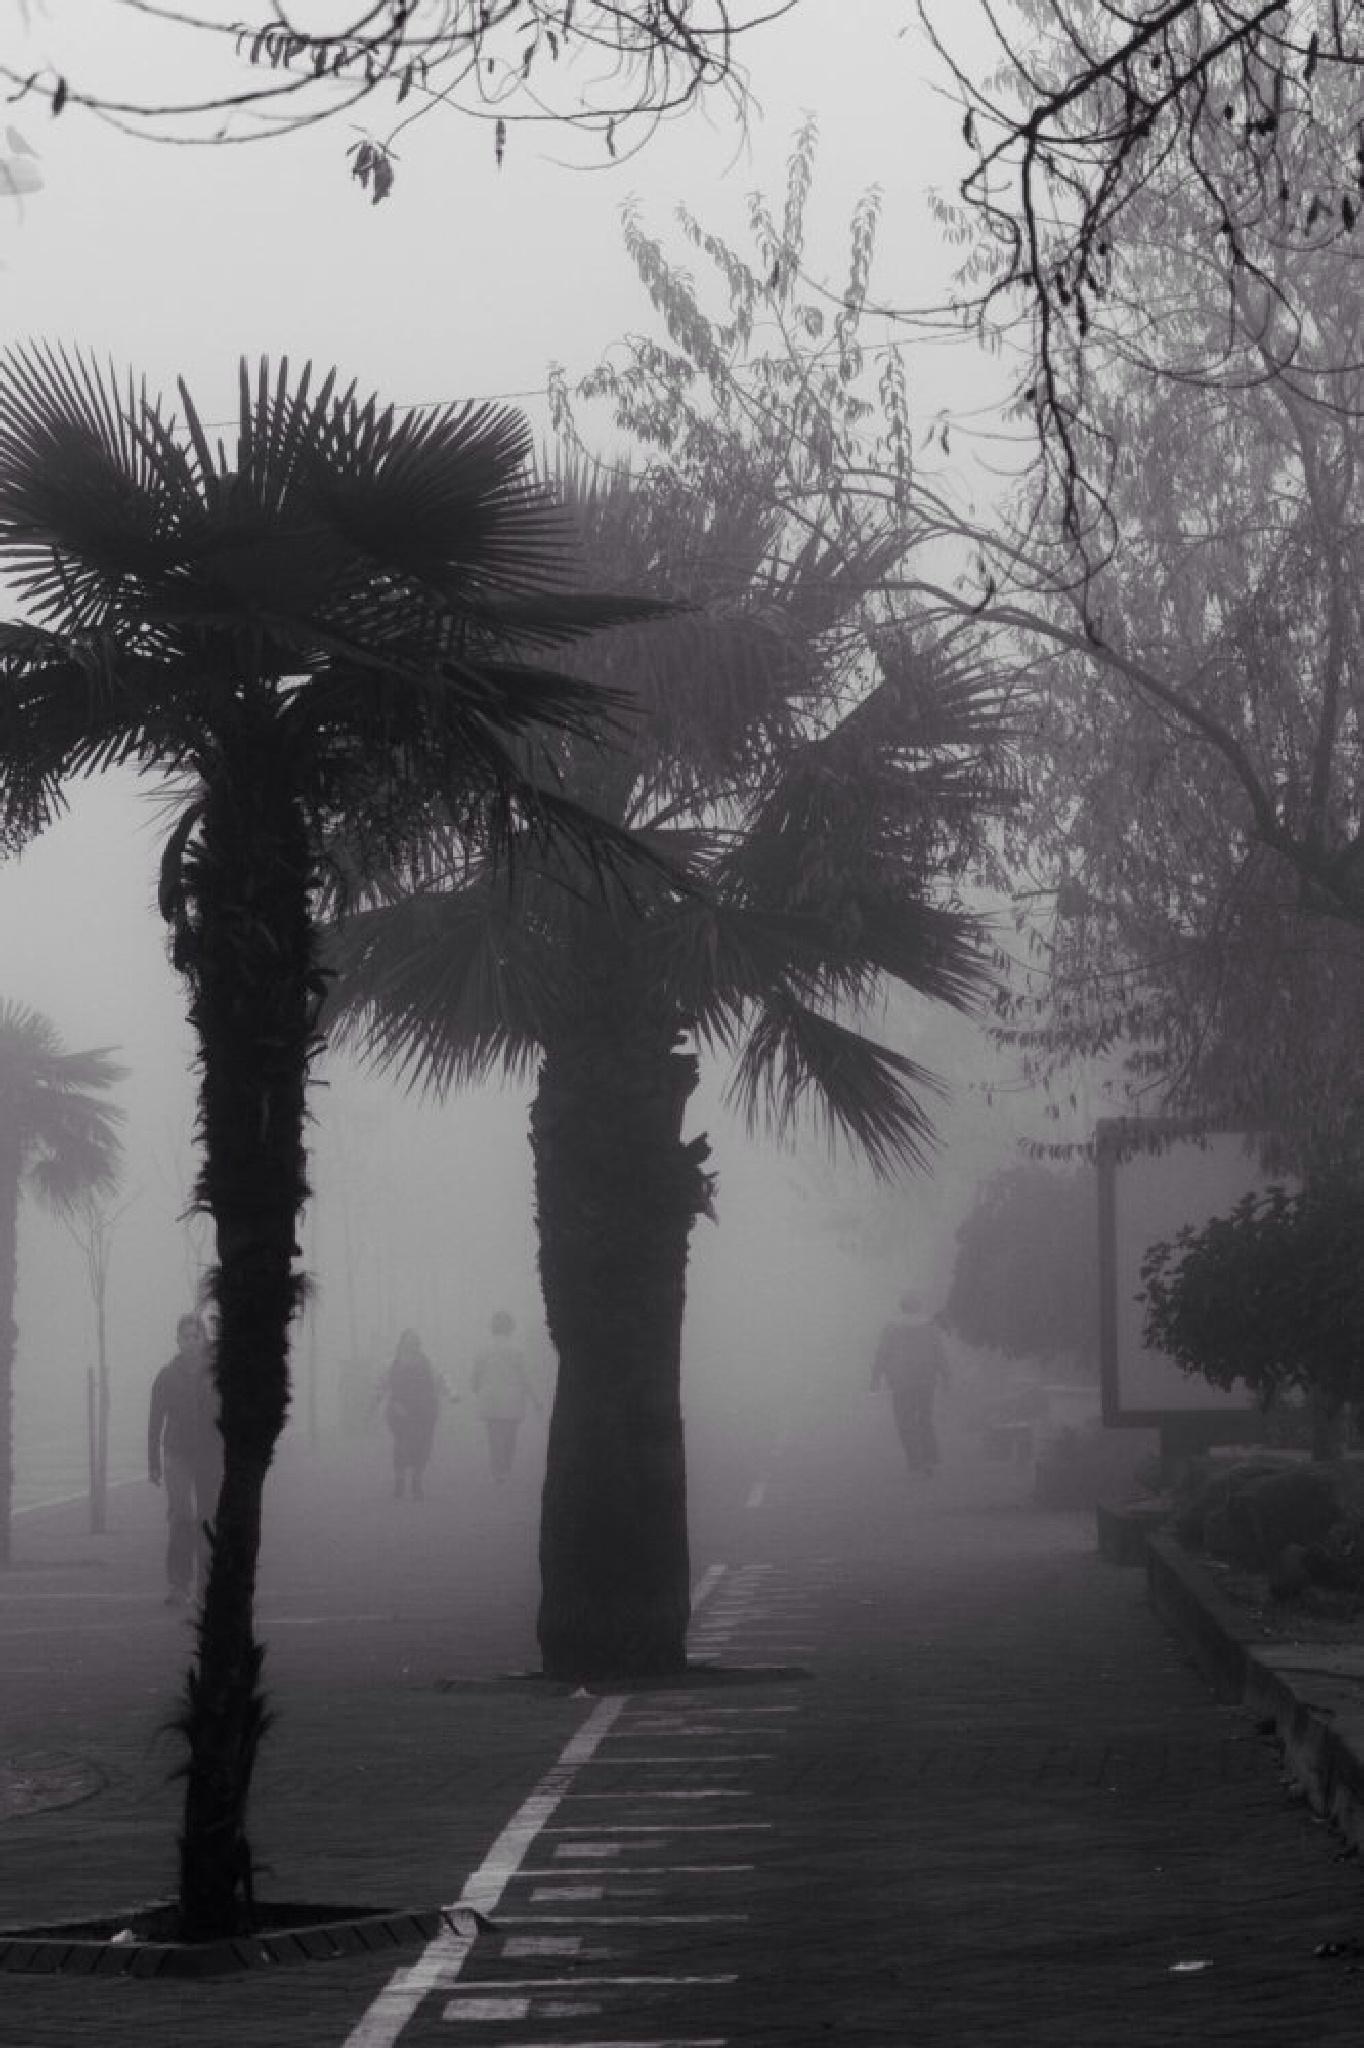 Fog near the beach by ab photography